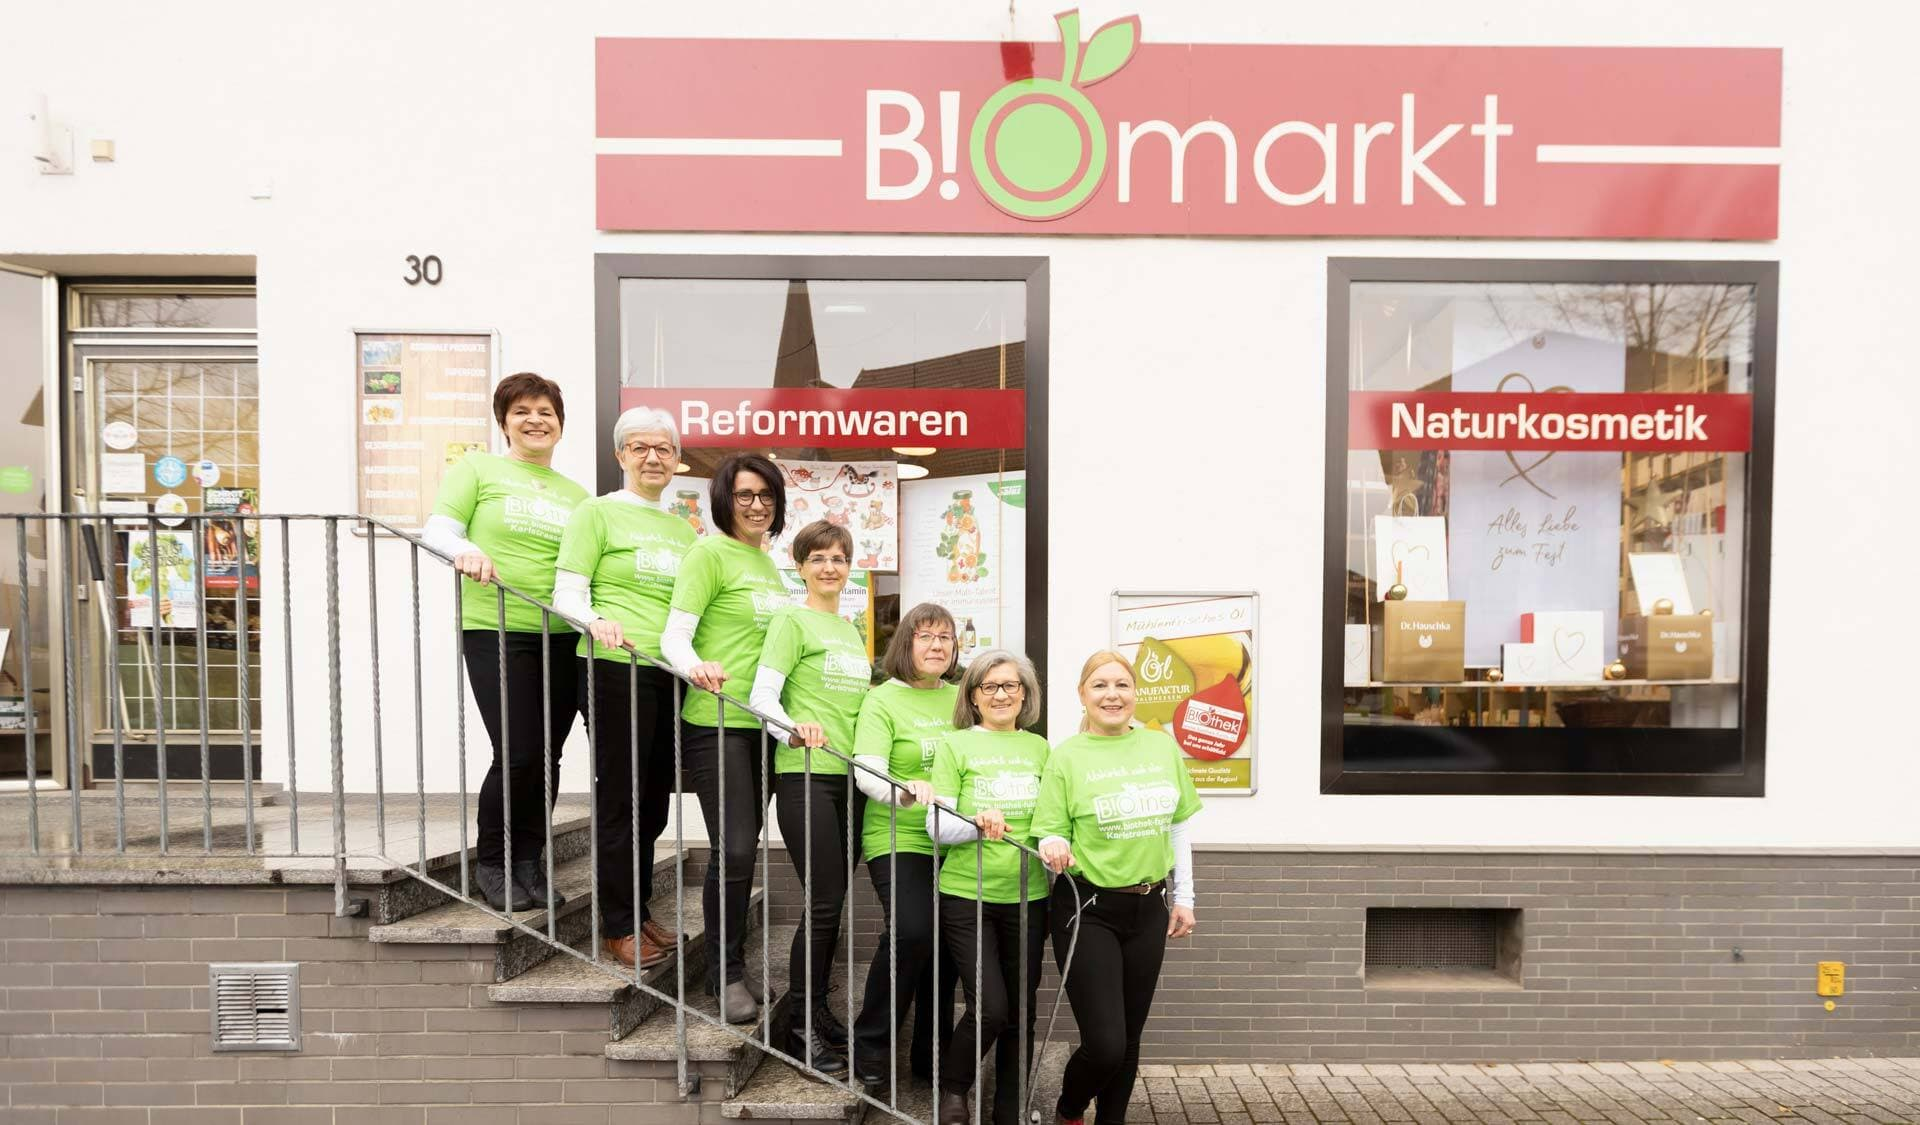 BIOthek-Team auf Treppenstufen stehend